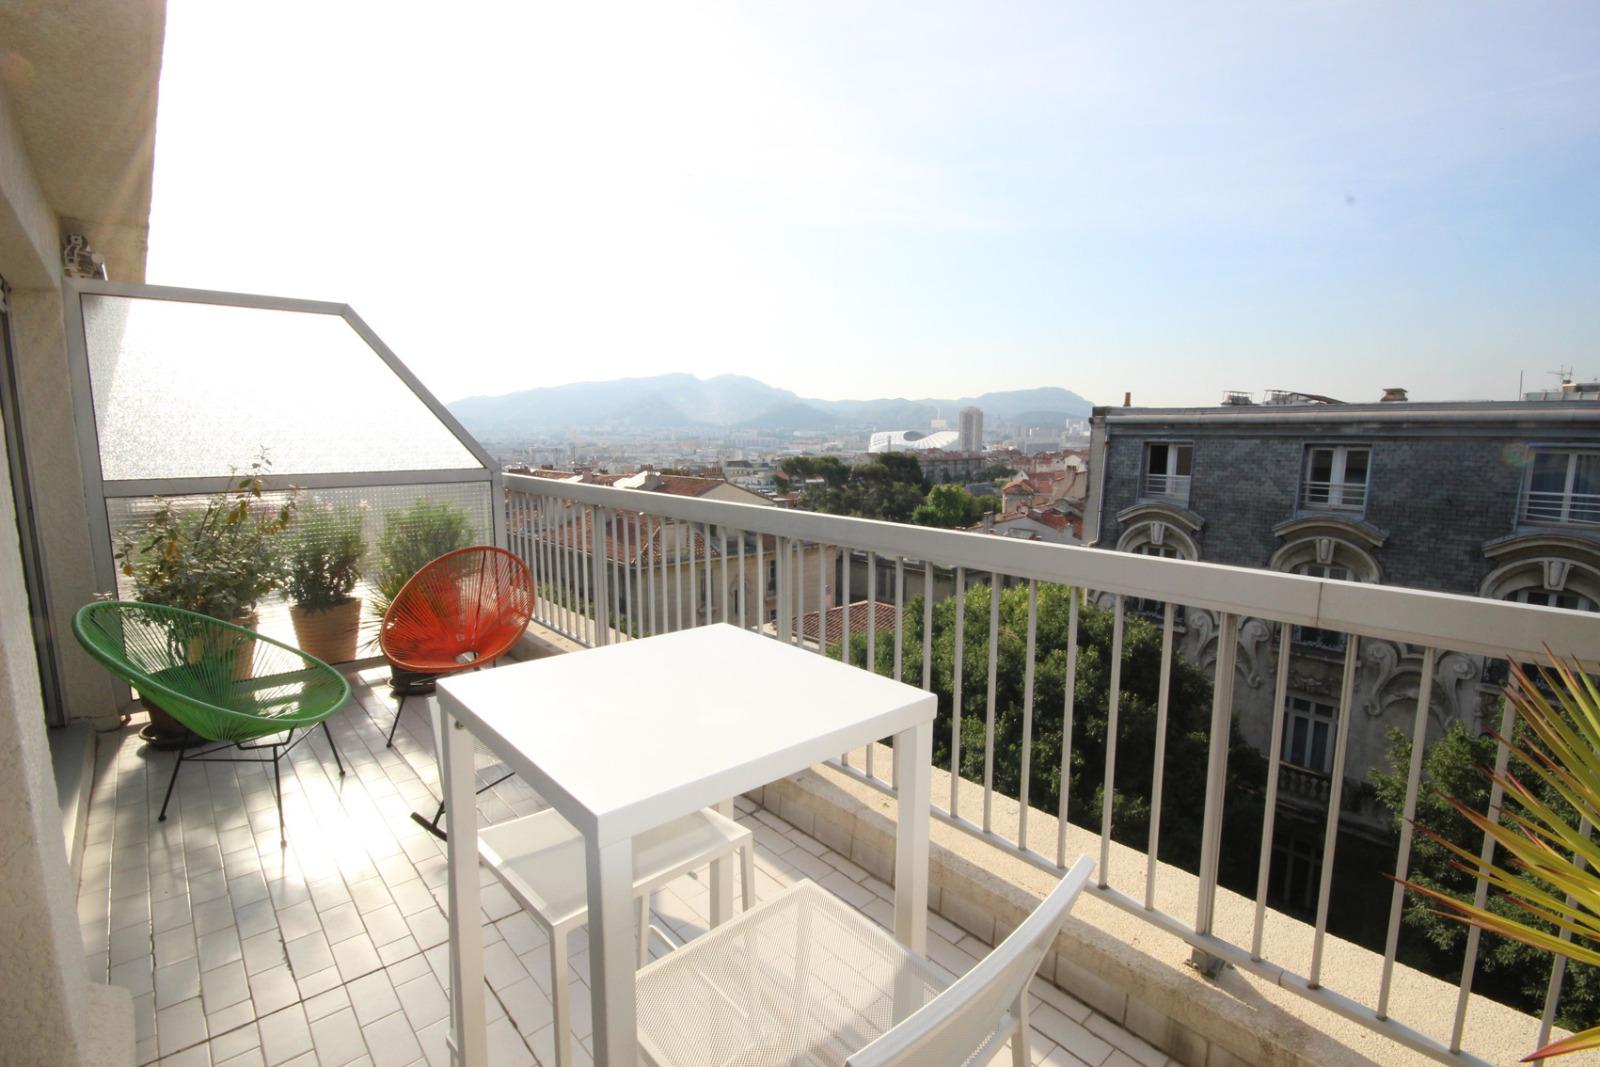 Vente vente appartement type 2 en duplex sur les hauteurs for Vente bien immobilier atypique